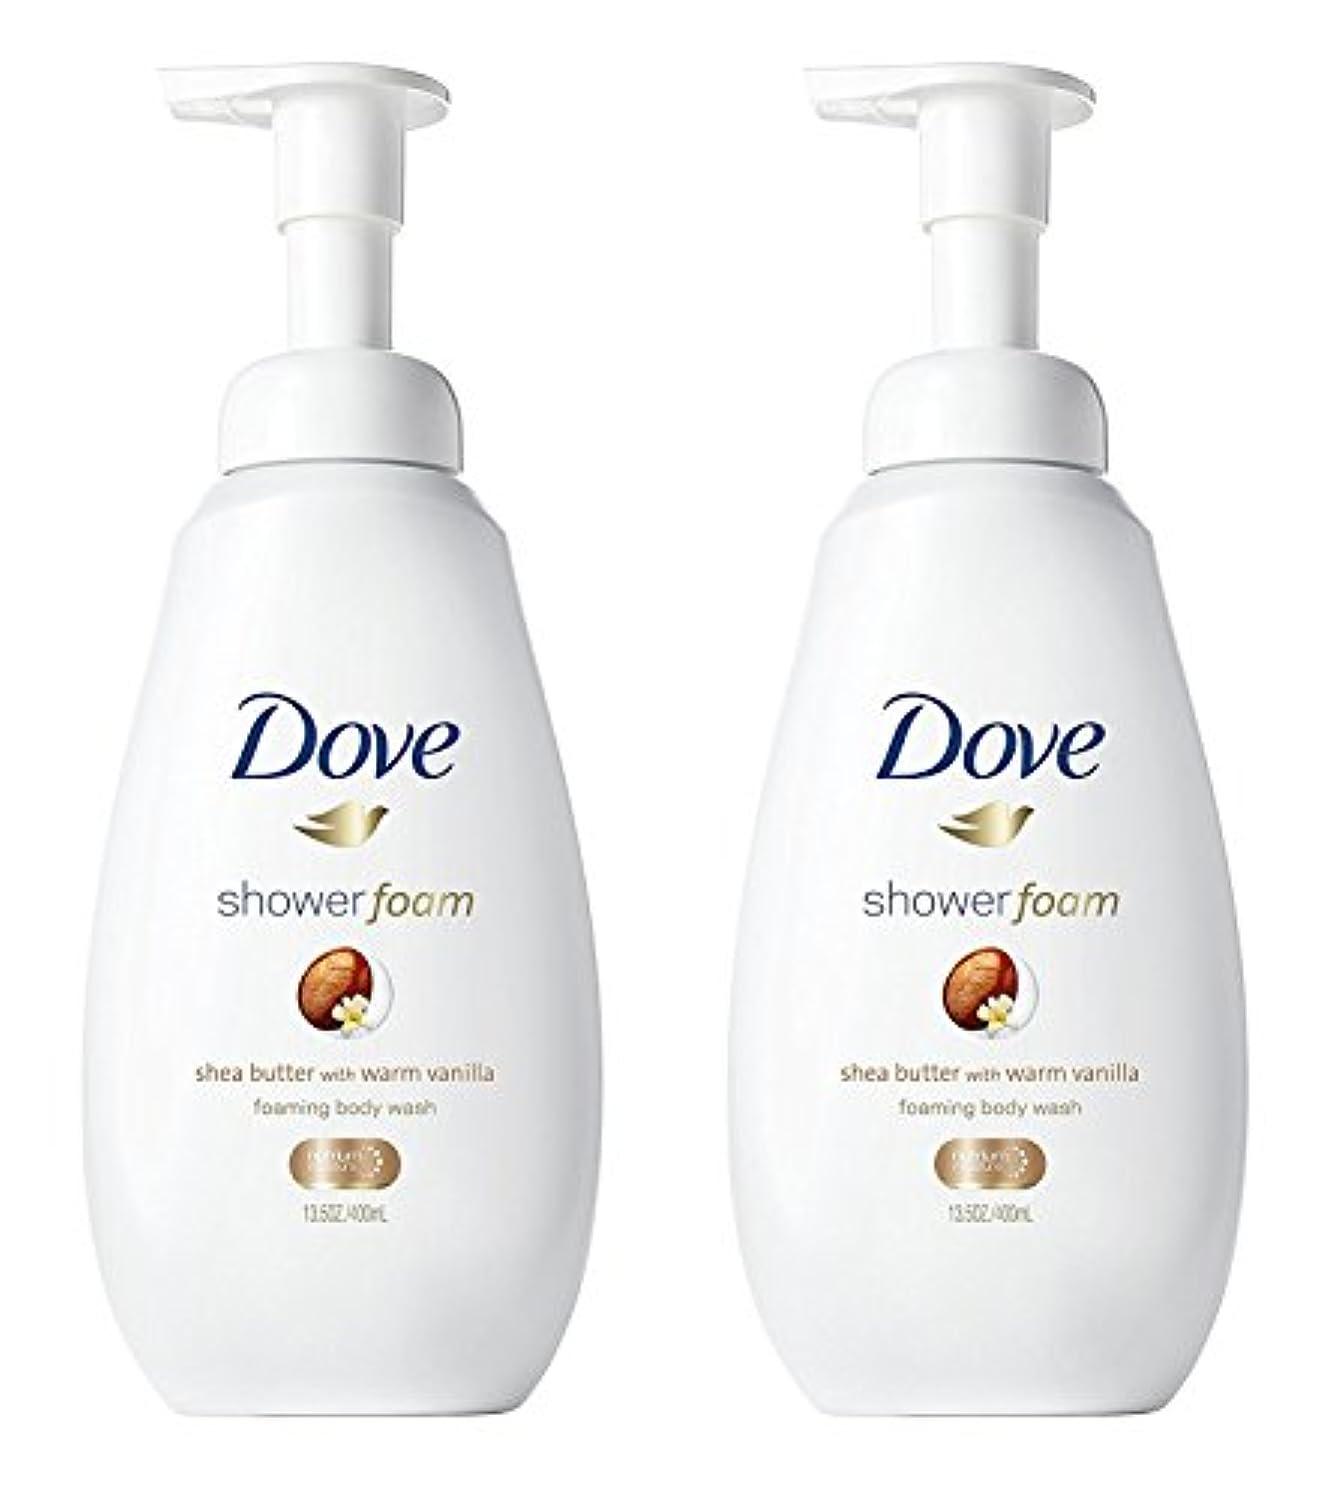 簡略化するブースト岸Dove シャワー泡 - ウォームバニラシアバター - - ボディウォッシュを発泡ネット重量。ボトルあたり13.5液量オンス(400ml)を - 2本のボトルのパック